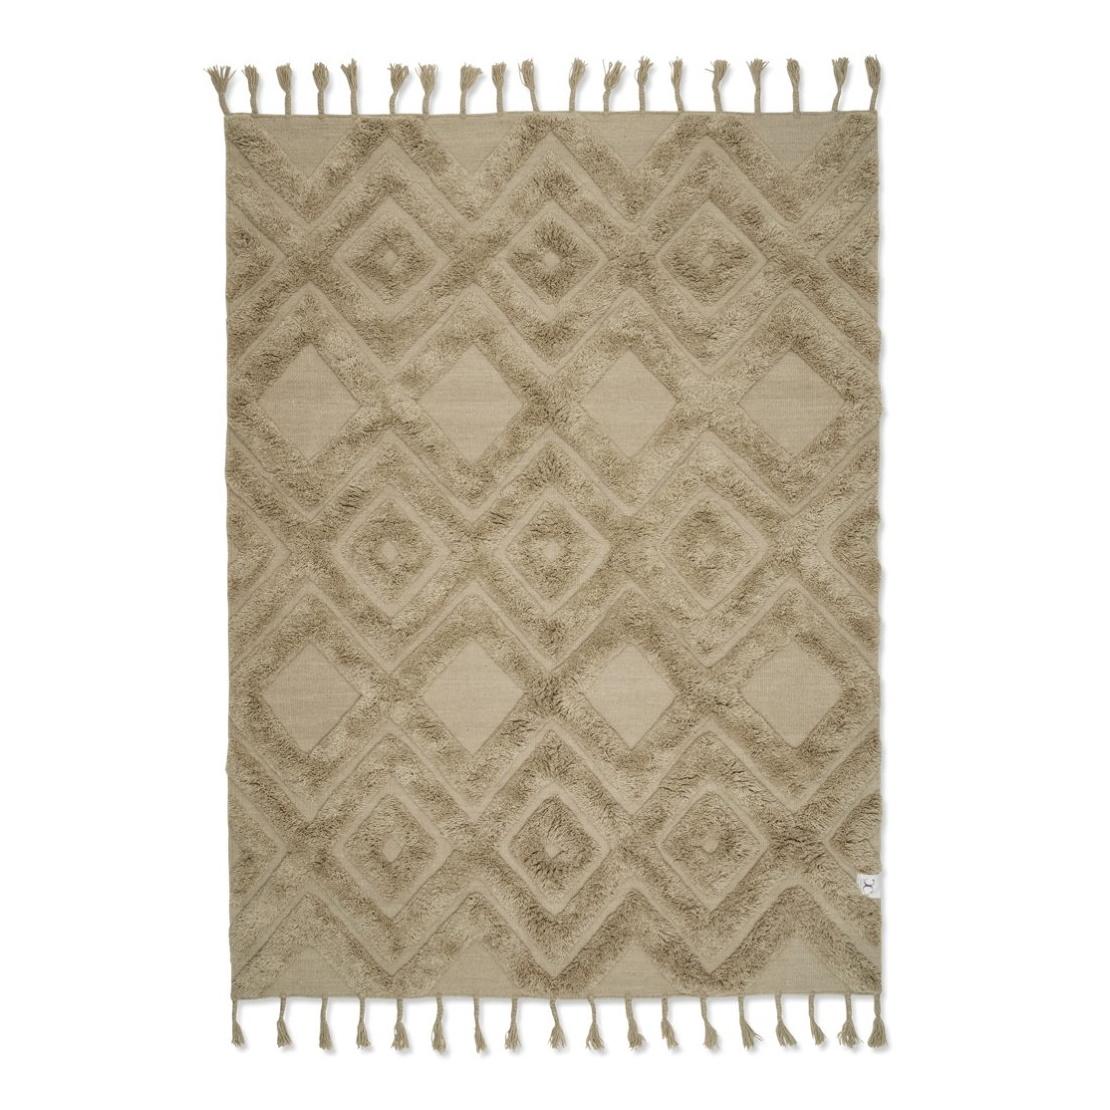 COPENHAGEN Wool Beige 200 x 300 cm Classic Collection